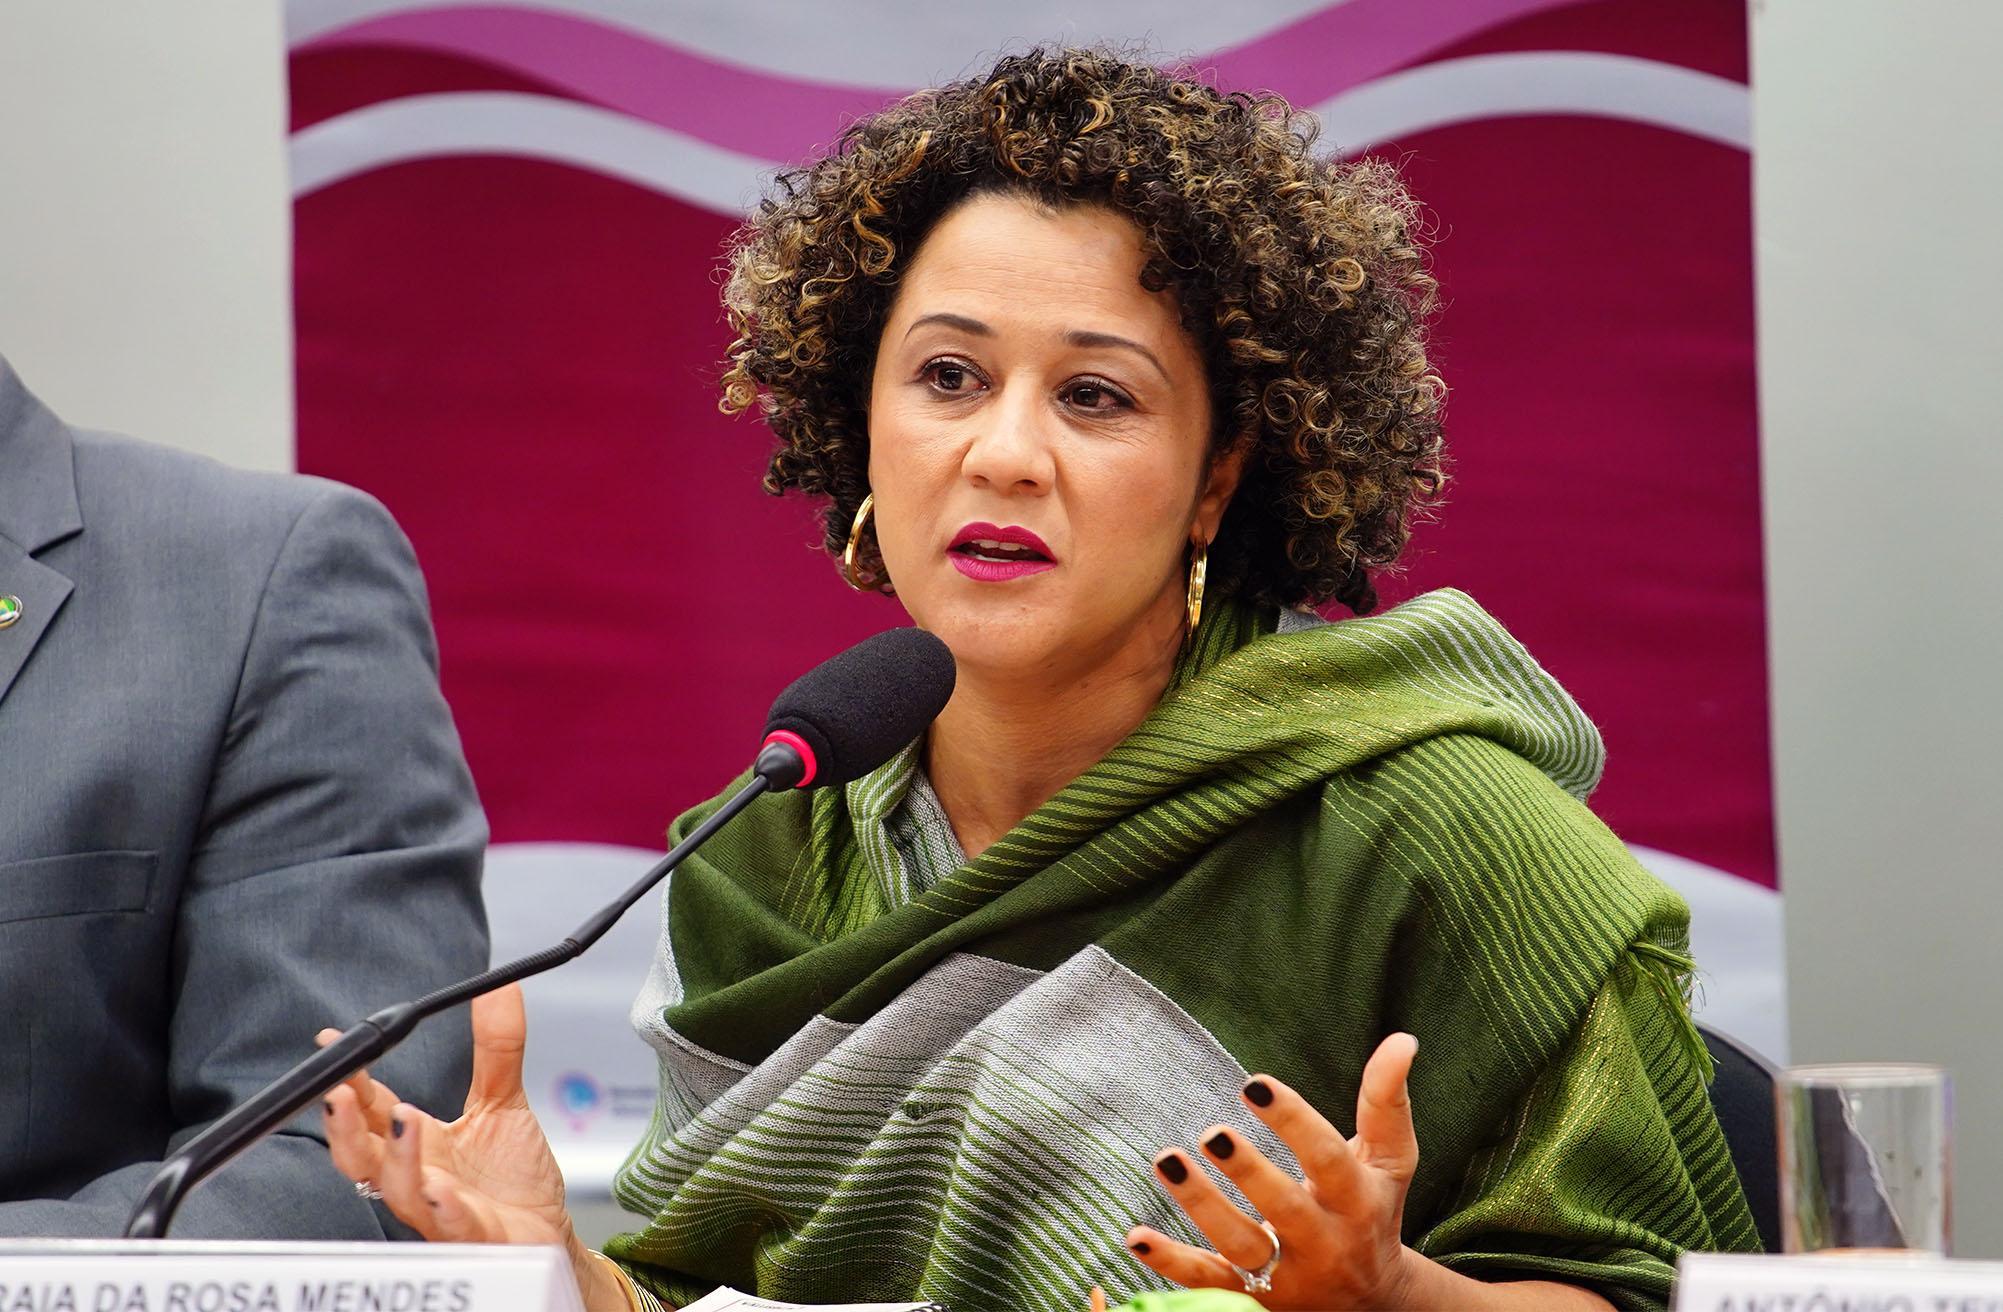 Pauta Feminina: Respostas ao enfrentamento do feminicídio de mulheres negras. Coordenadora Nacional do Comitê Latino Americano e do Caribe para a Defesa dos Direitos da Mulher, Soraia da Rosa Mendes